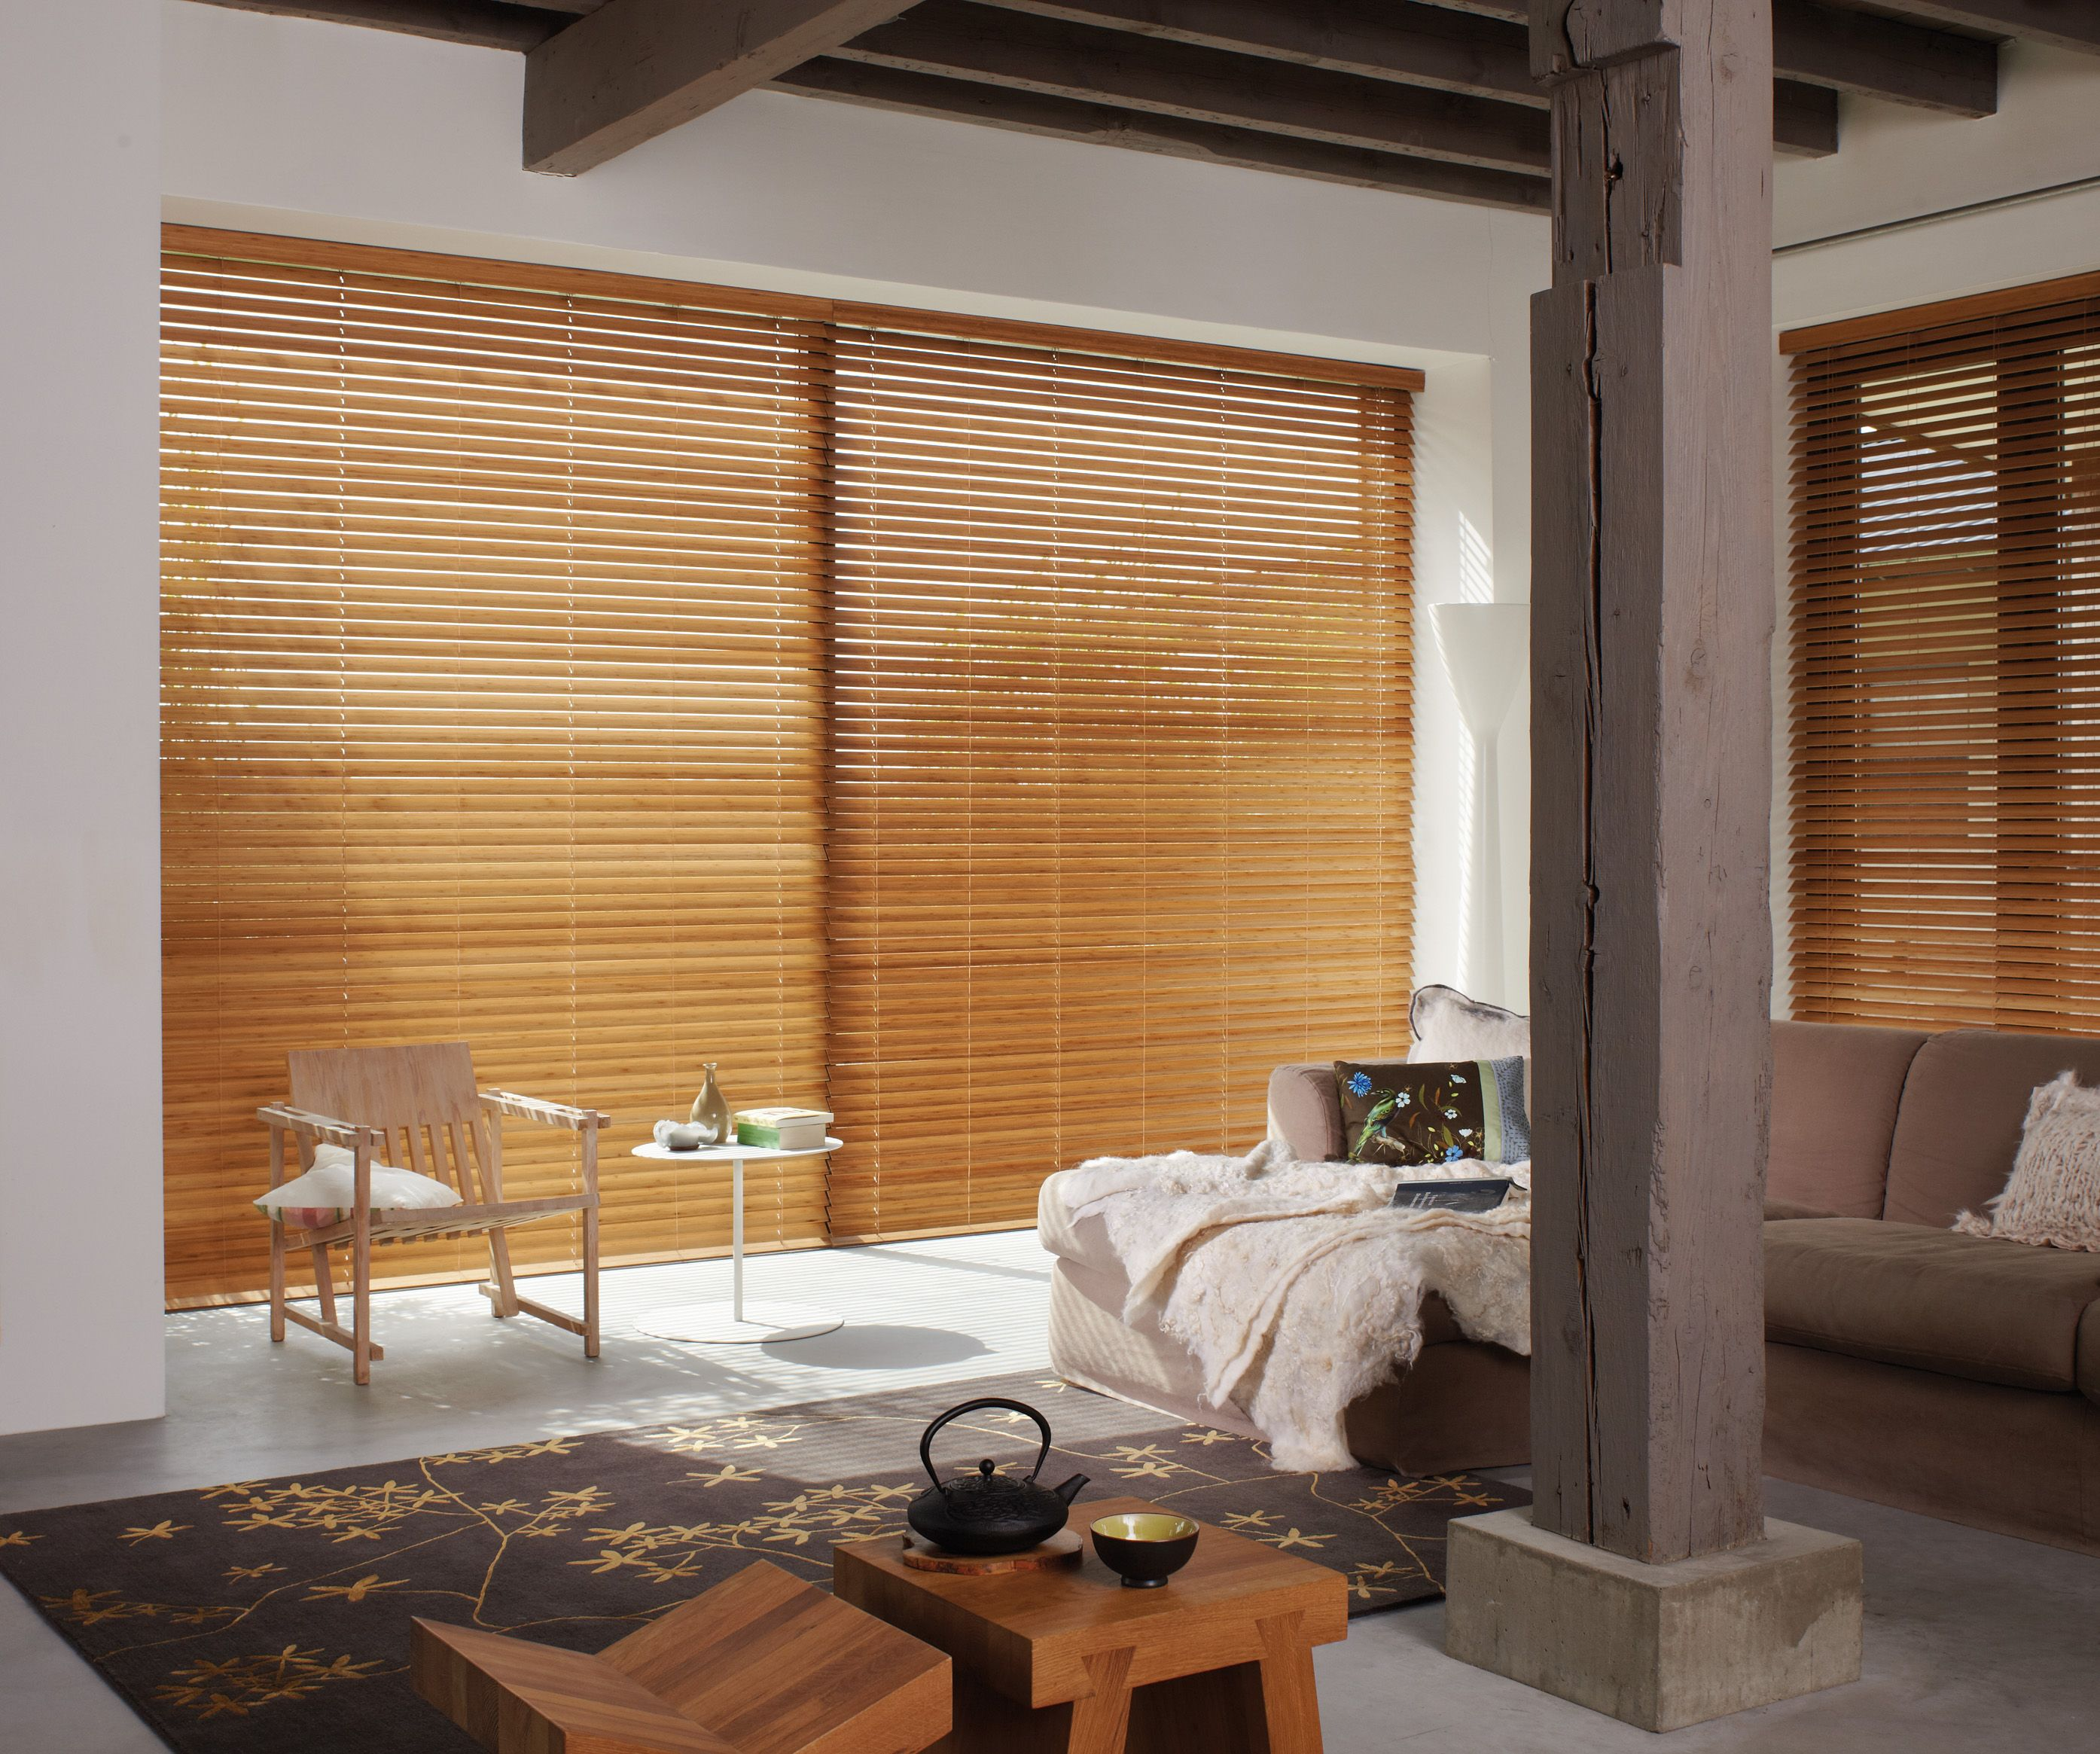 Window coverings wood  pin by elena gmyrak on windows  pinterest  wooden side table wool